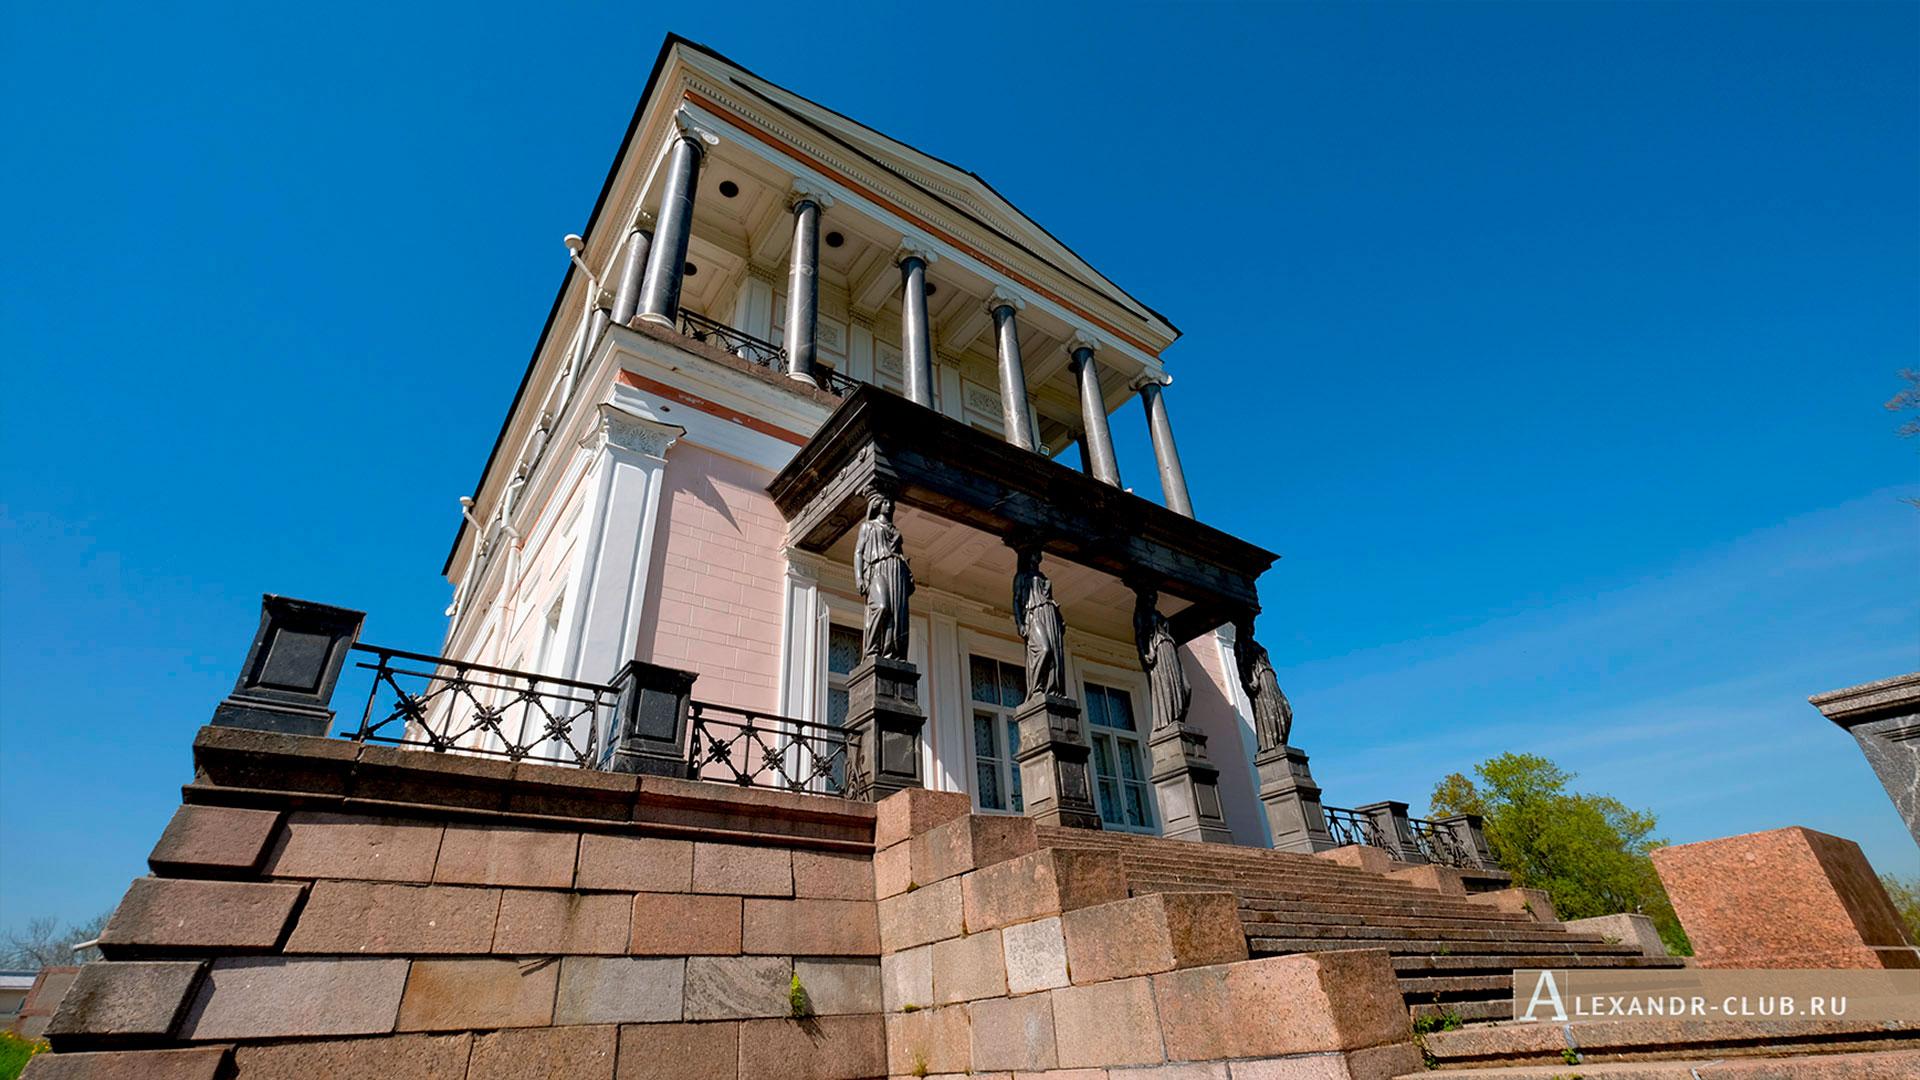 Петергоф, Луговой парк, весна, дворец Бельведер – 3